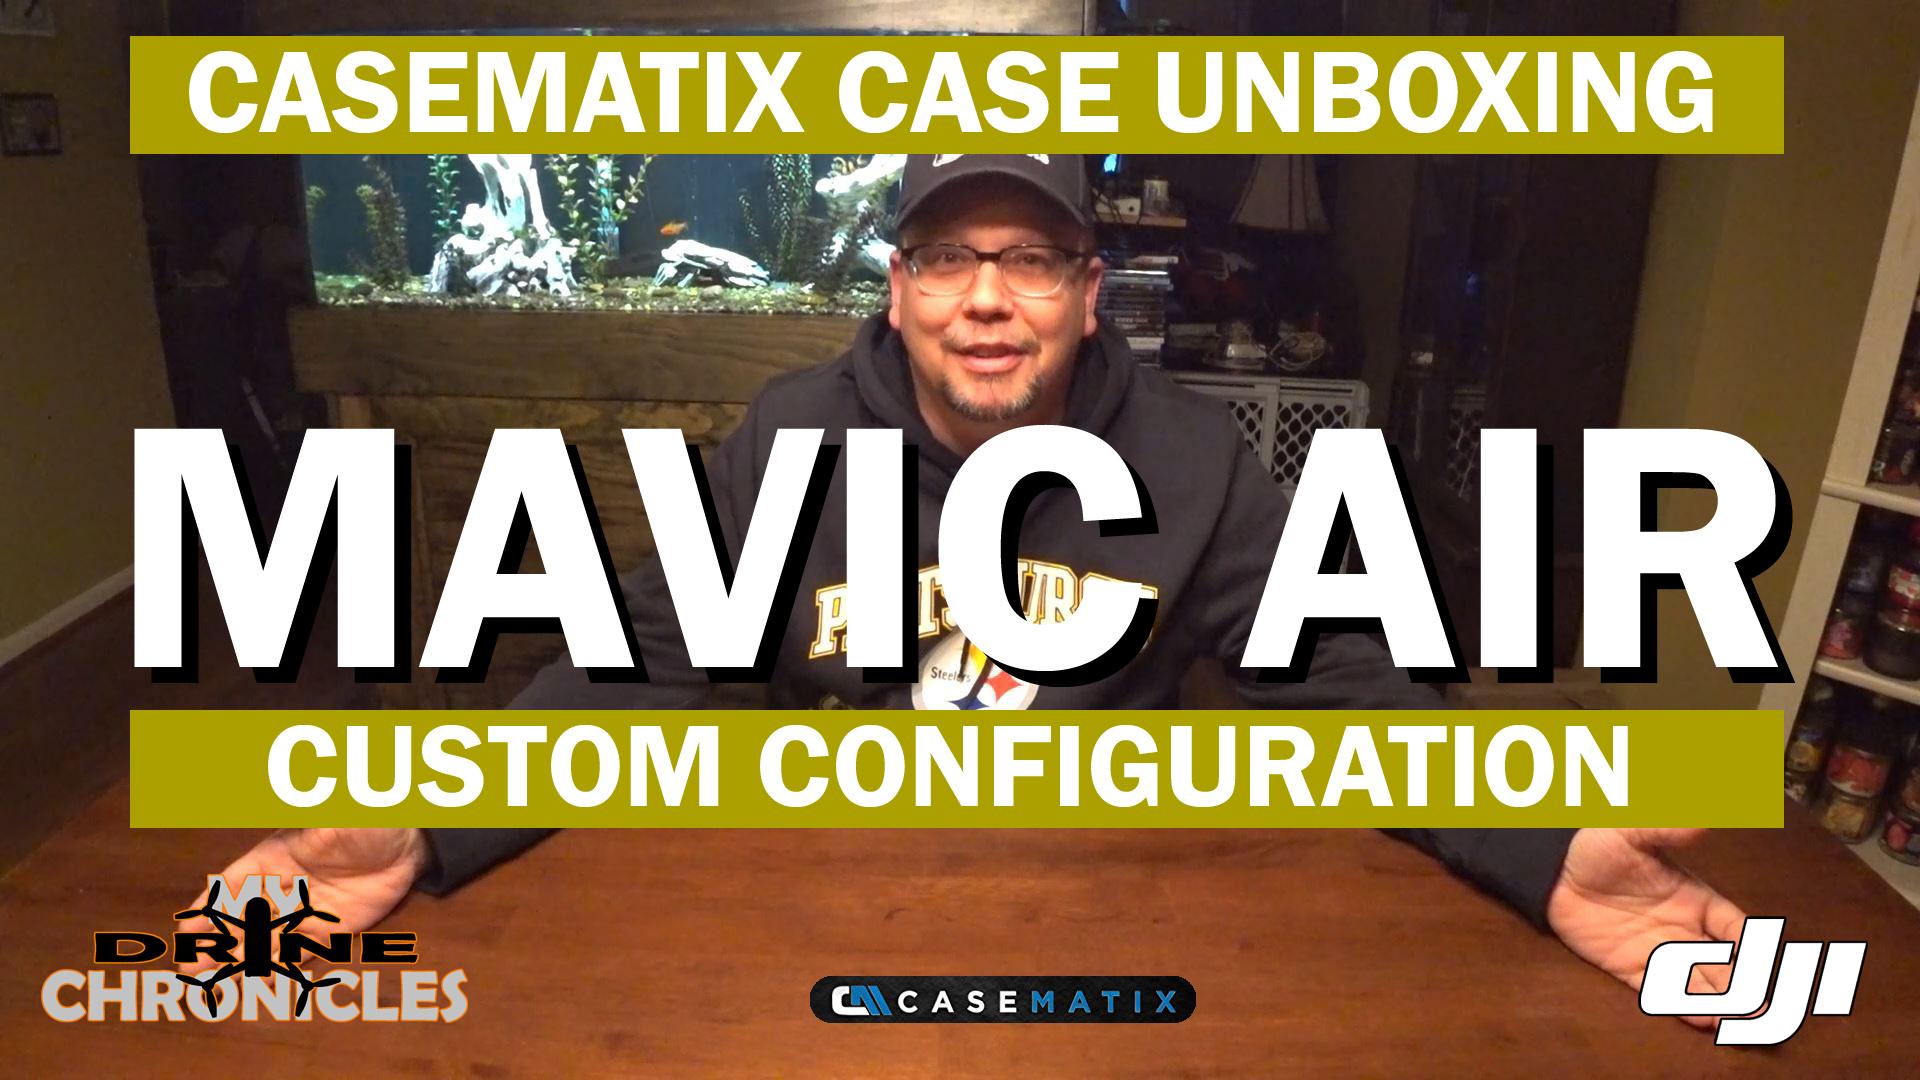 Custom Case Build